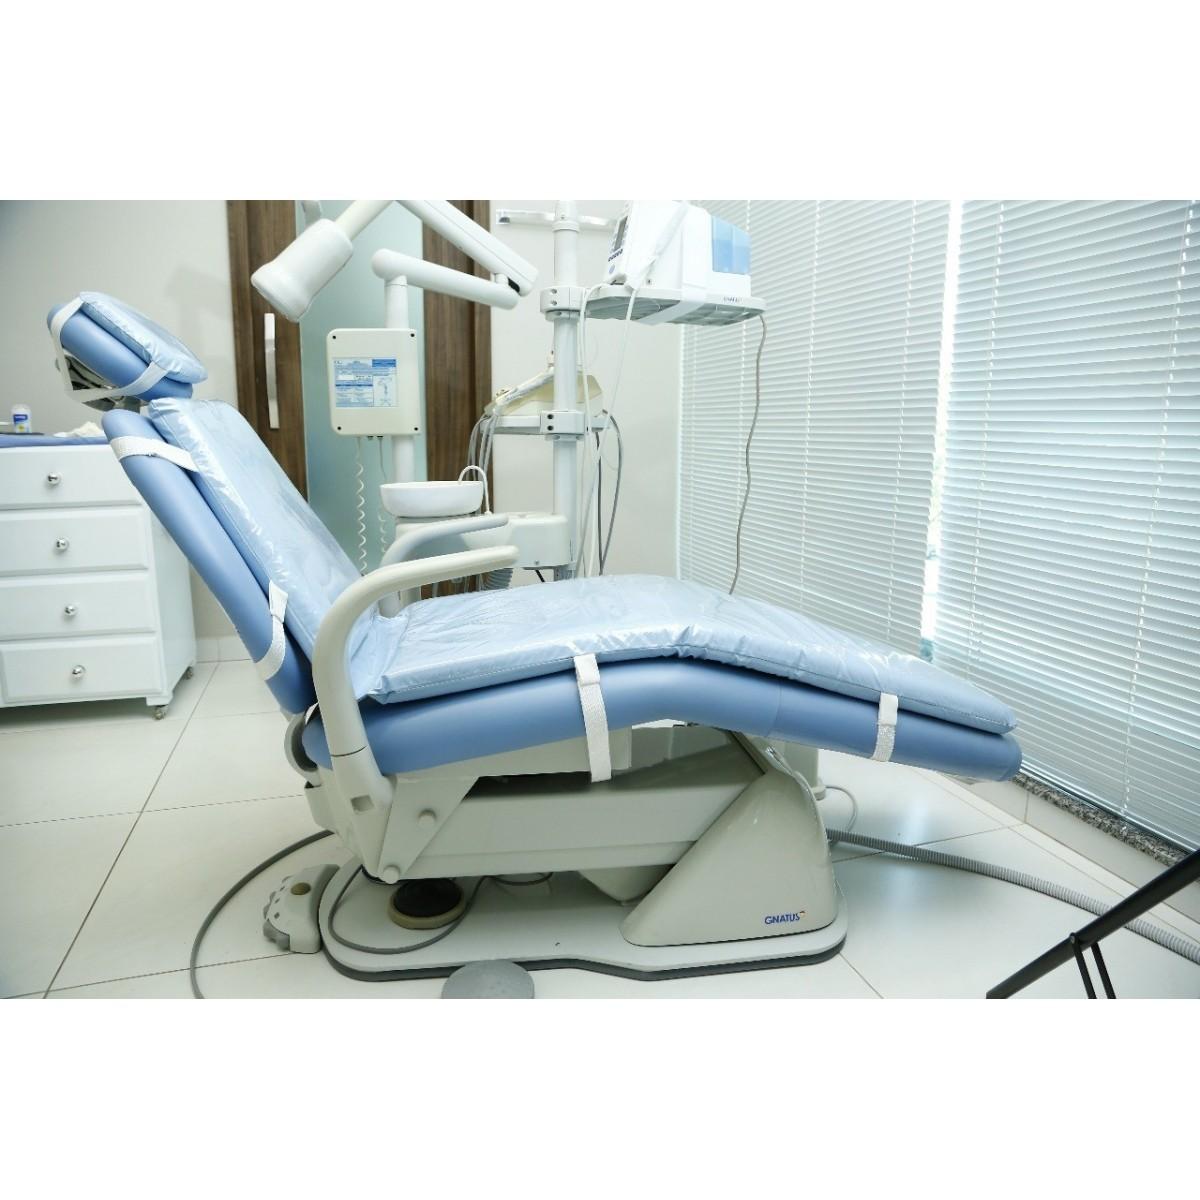 Esteira Massageadora Odontológica Padrão  - MagnePhoton